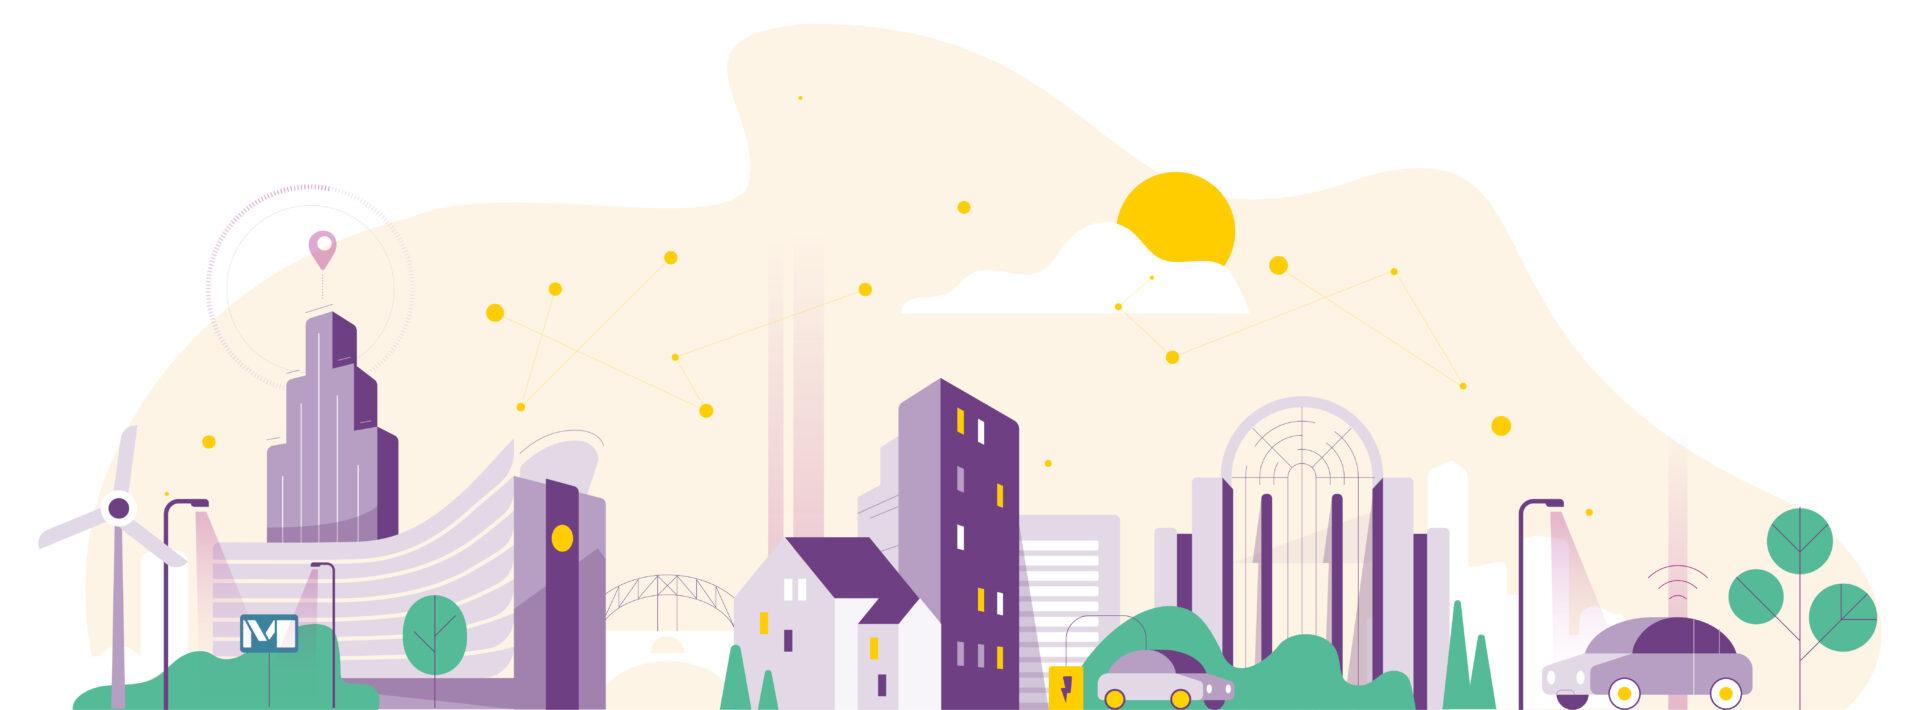 Sibelga Rapport Annuel 2020 Innovation